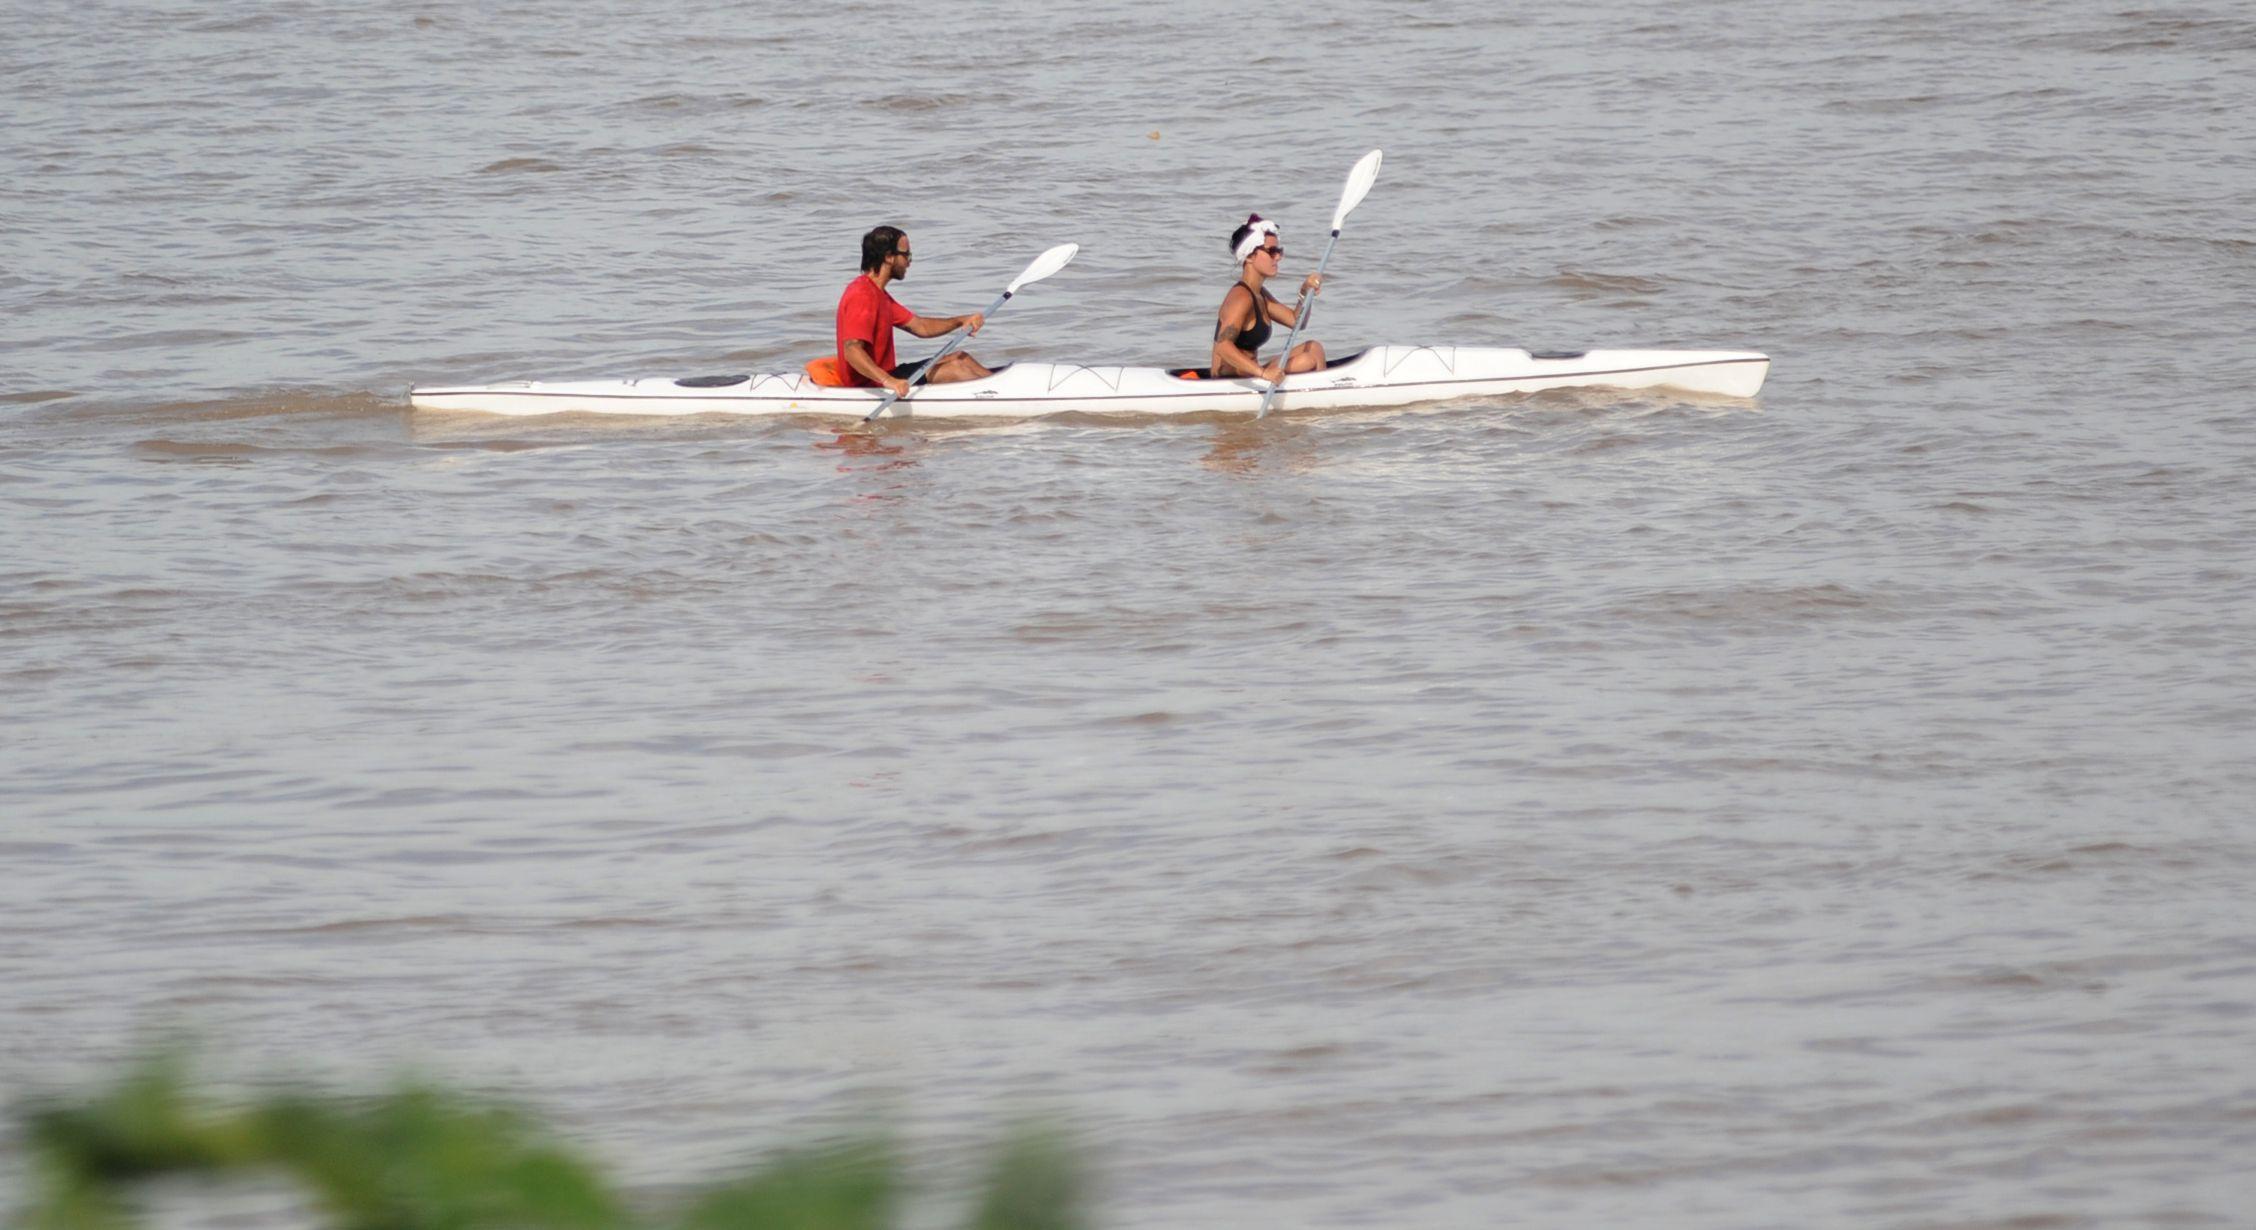 seguros. El municipio dicta cursos para mejorar la seguridad en el río. (E.Rodríguez)